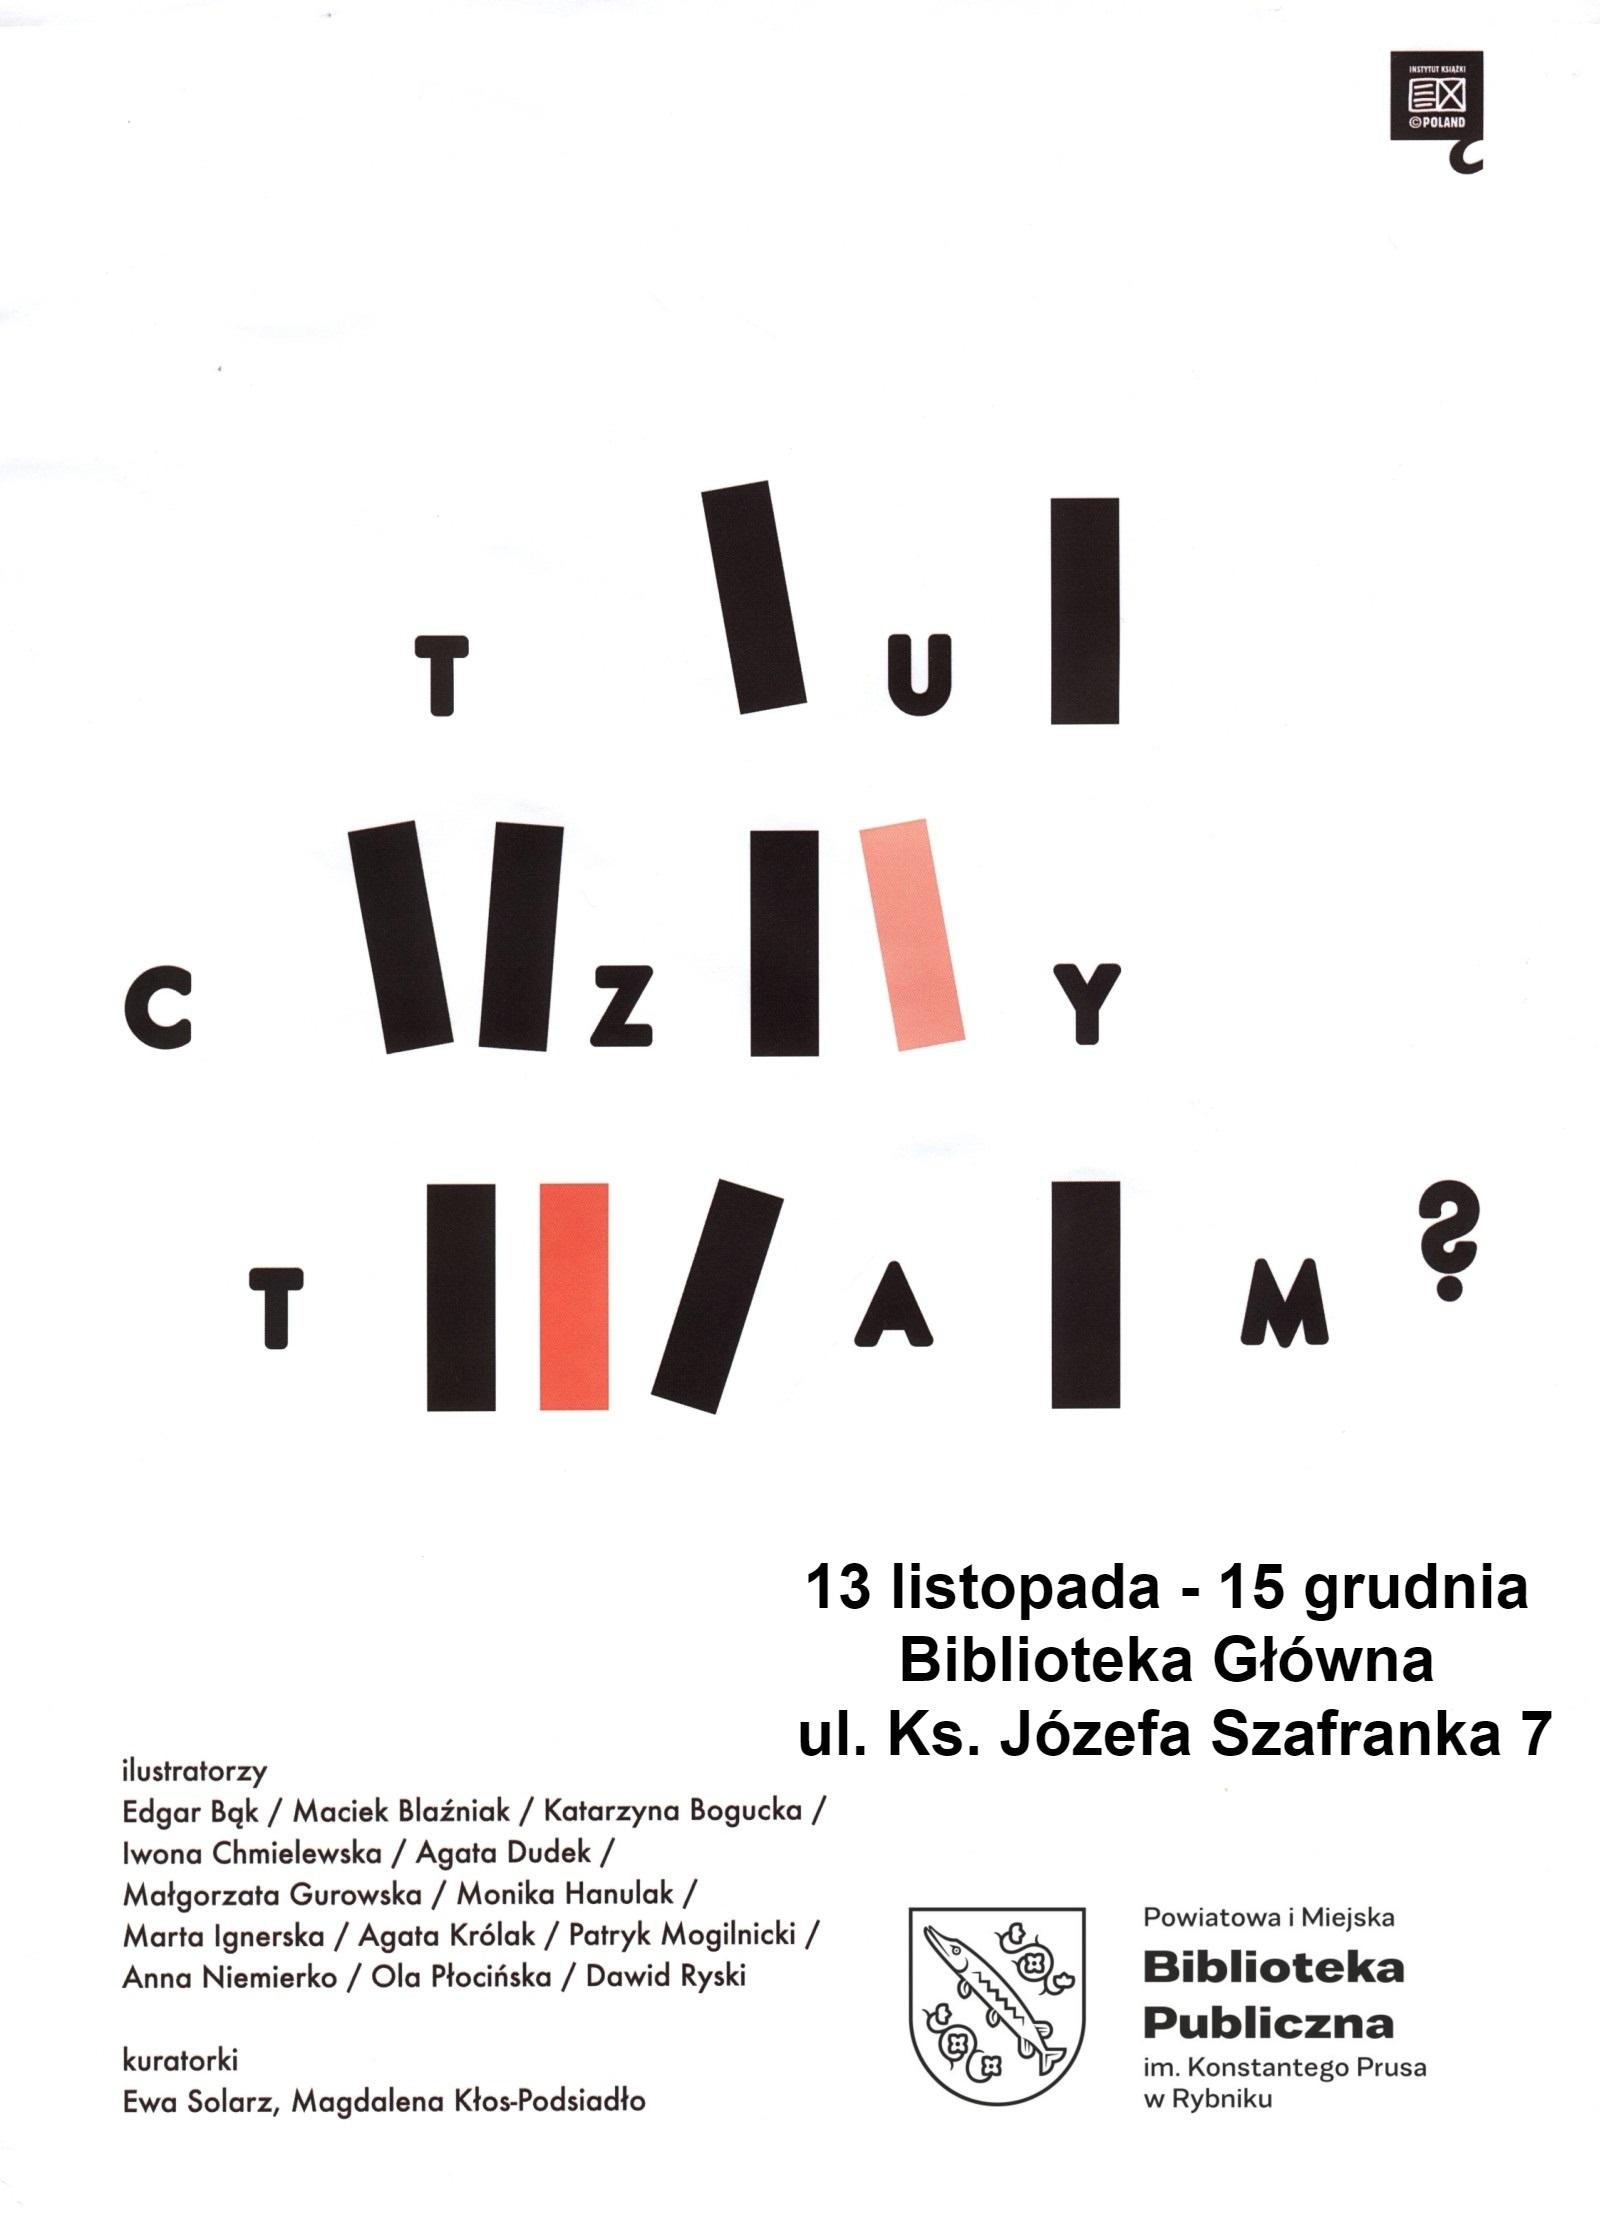 Biblioteka Główna Zaprasza Na Wystawę Współczesnej Polskiej